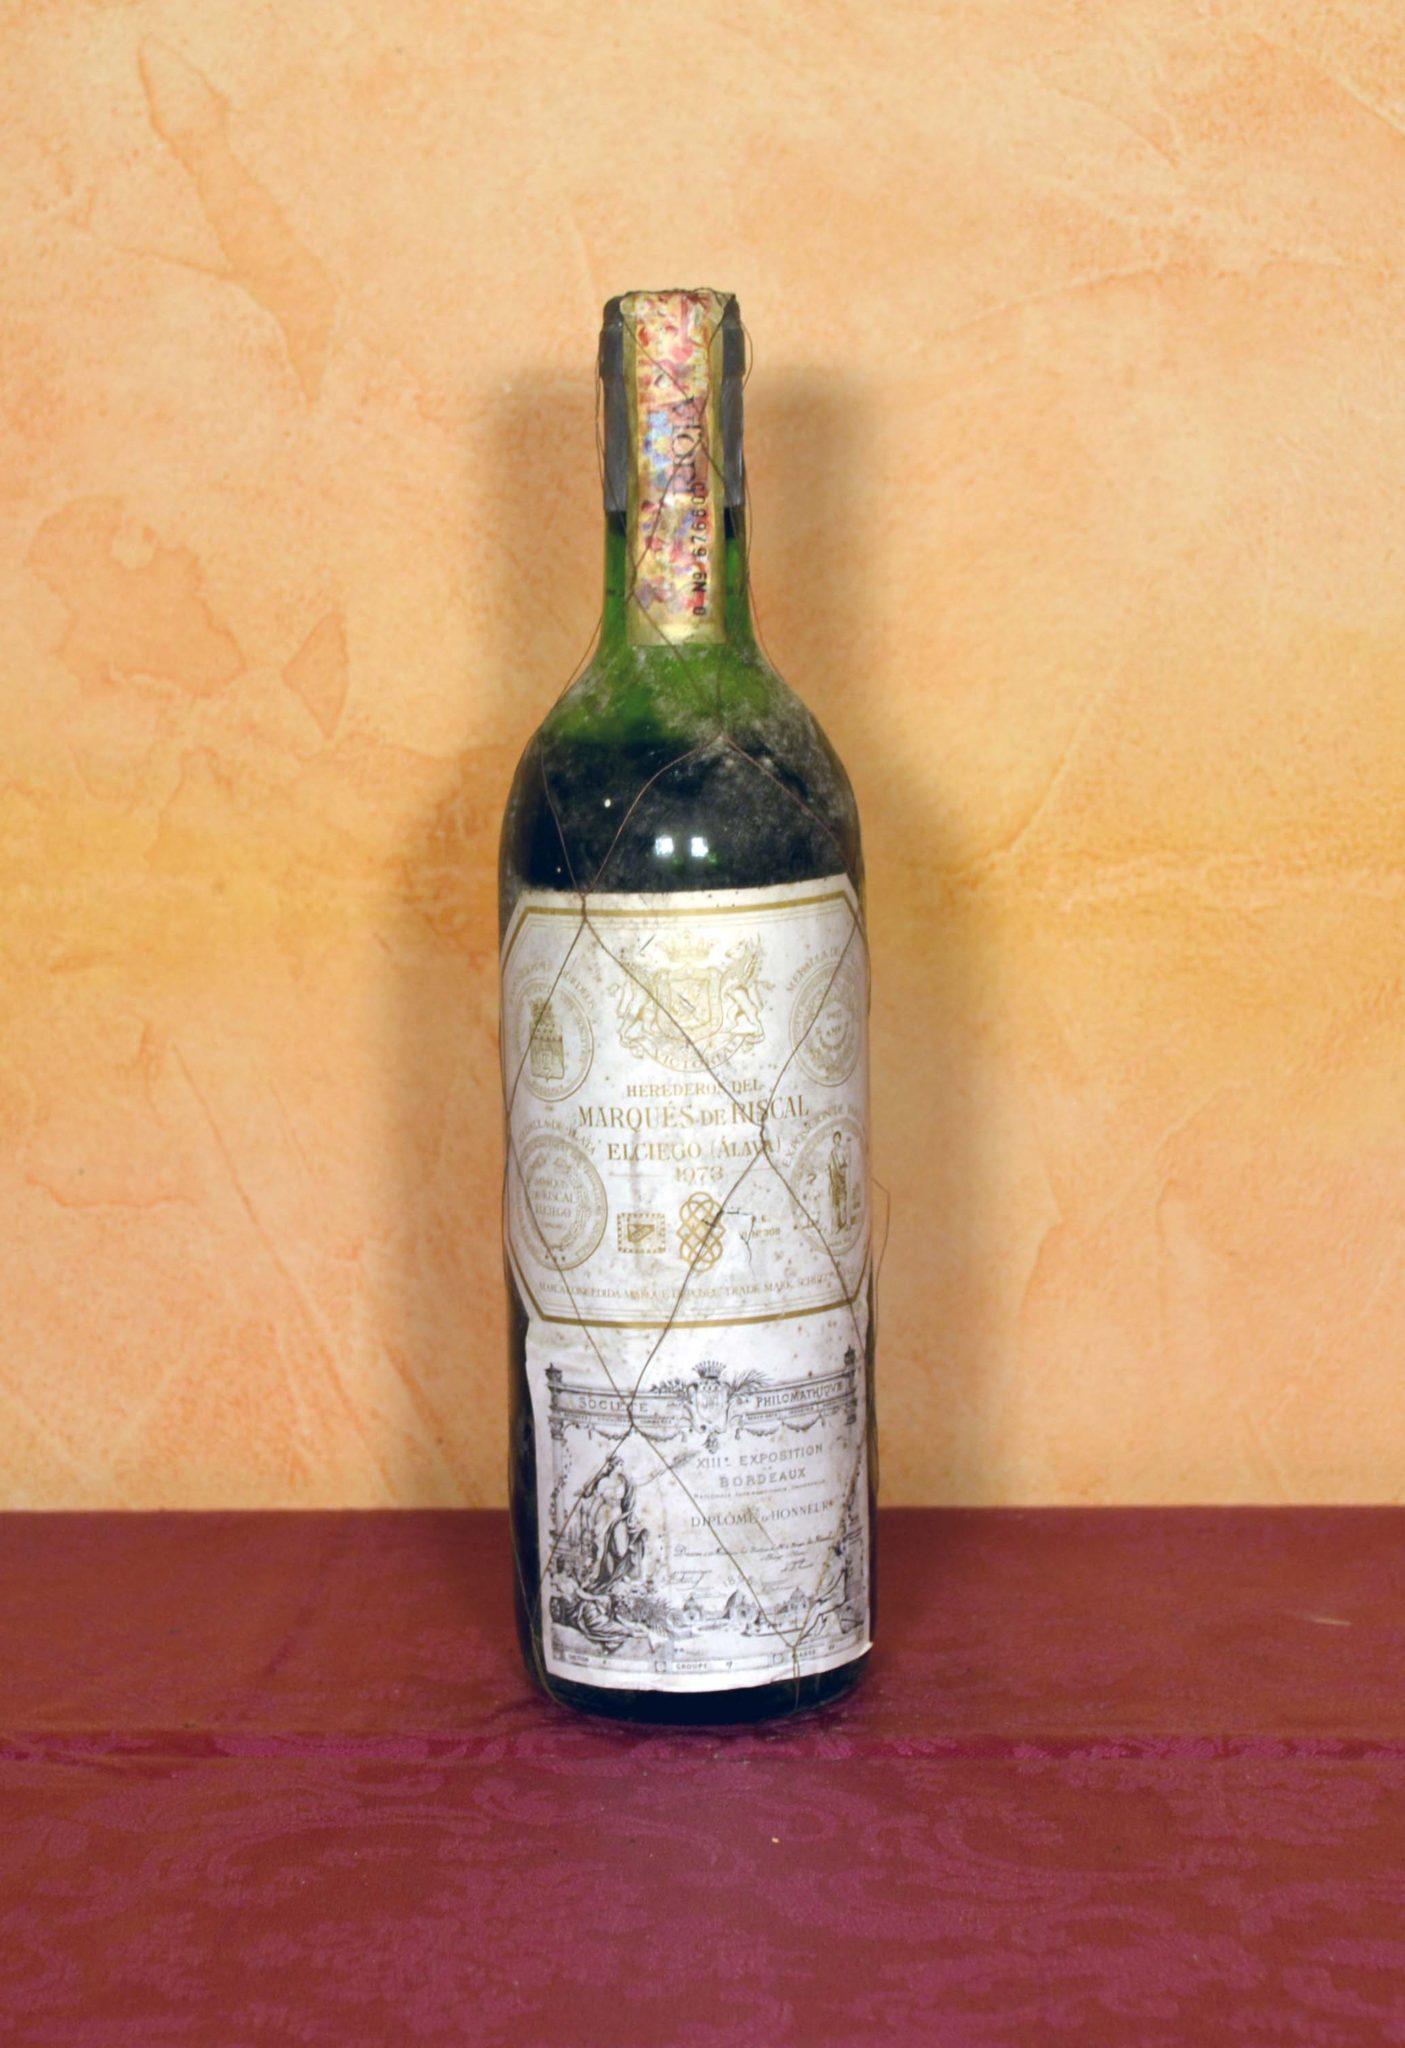 Marques de Riscal 1973 Vinos de Coleccion Tuhistoria.es